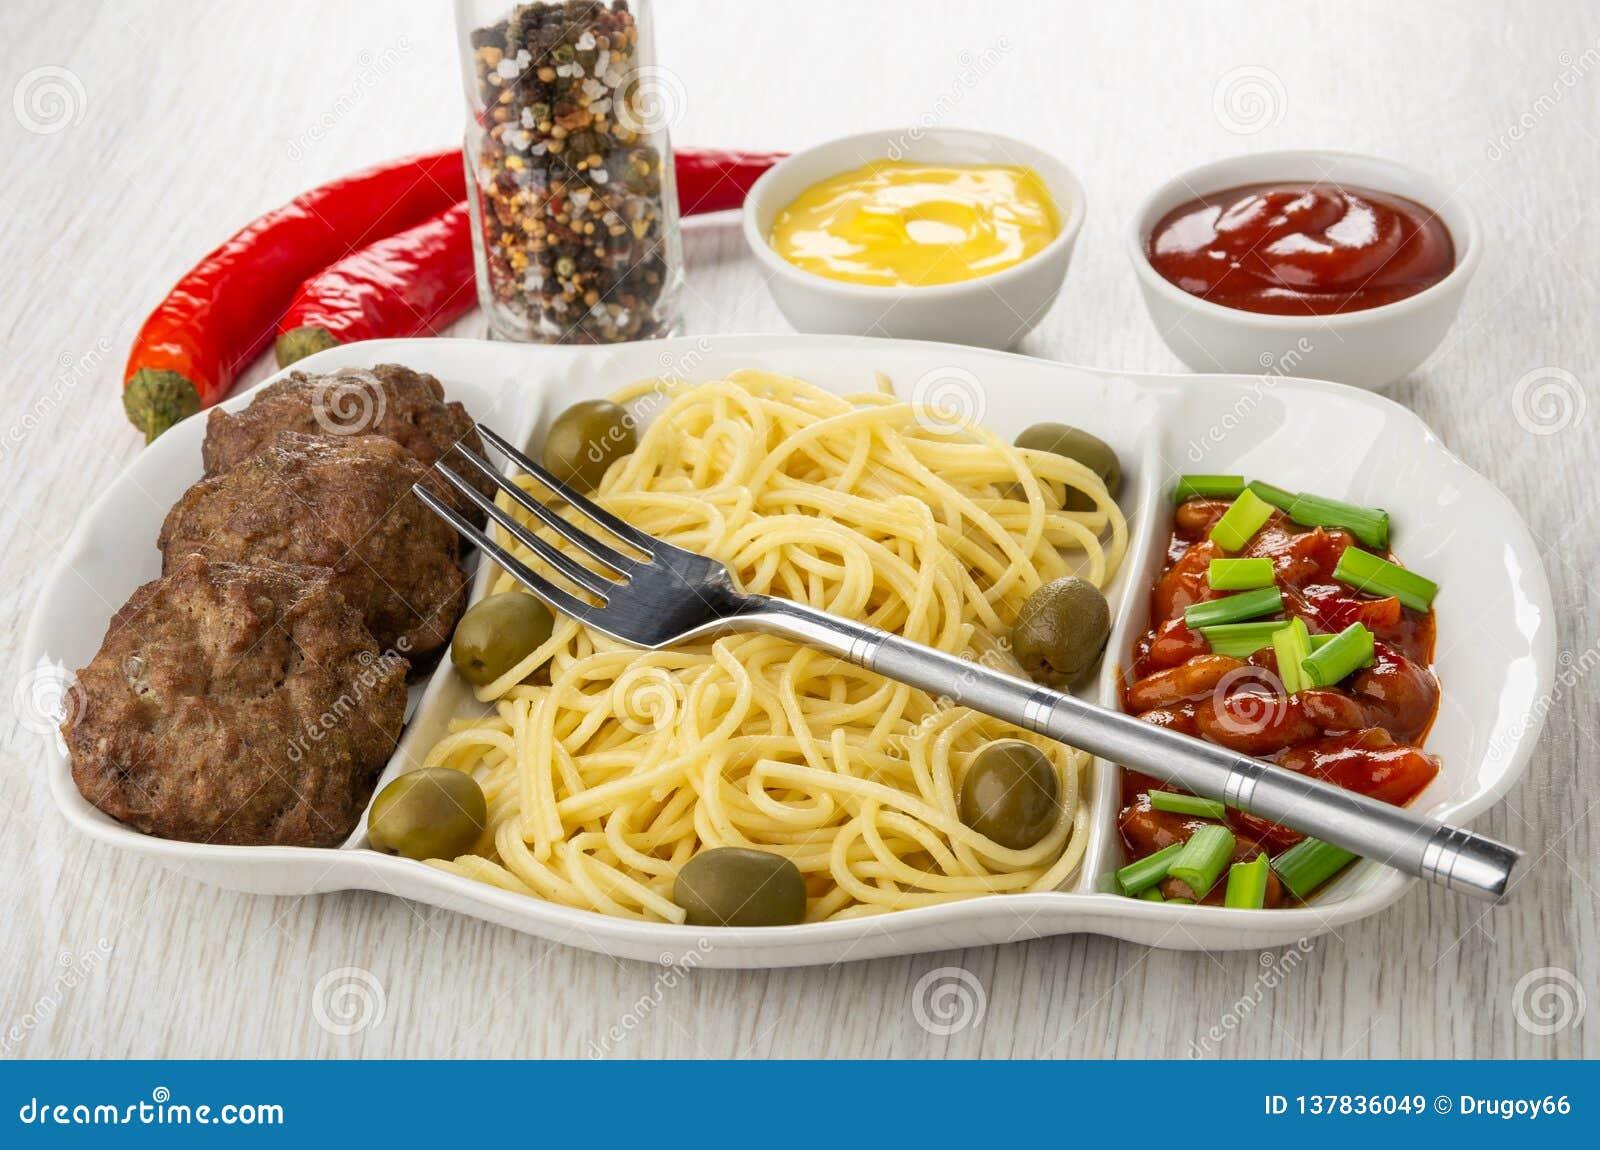 Schotel met spaghetti, kotelet, bonen, ui en olijven, vork, Spaanse peperpeper, specerij, mayonaise en ketchup op lijst